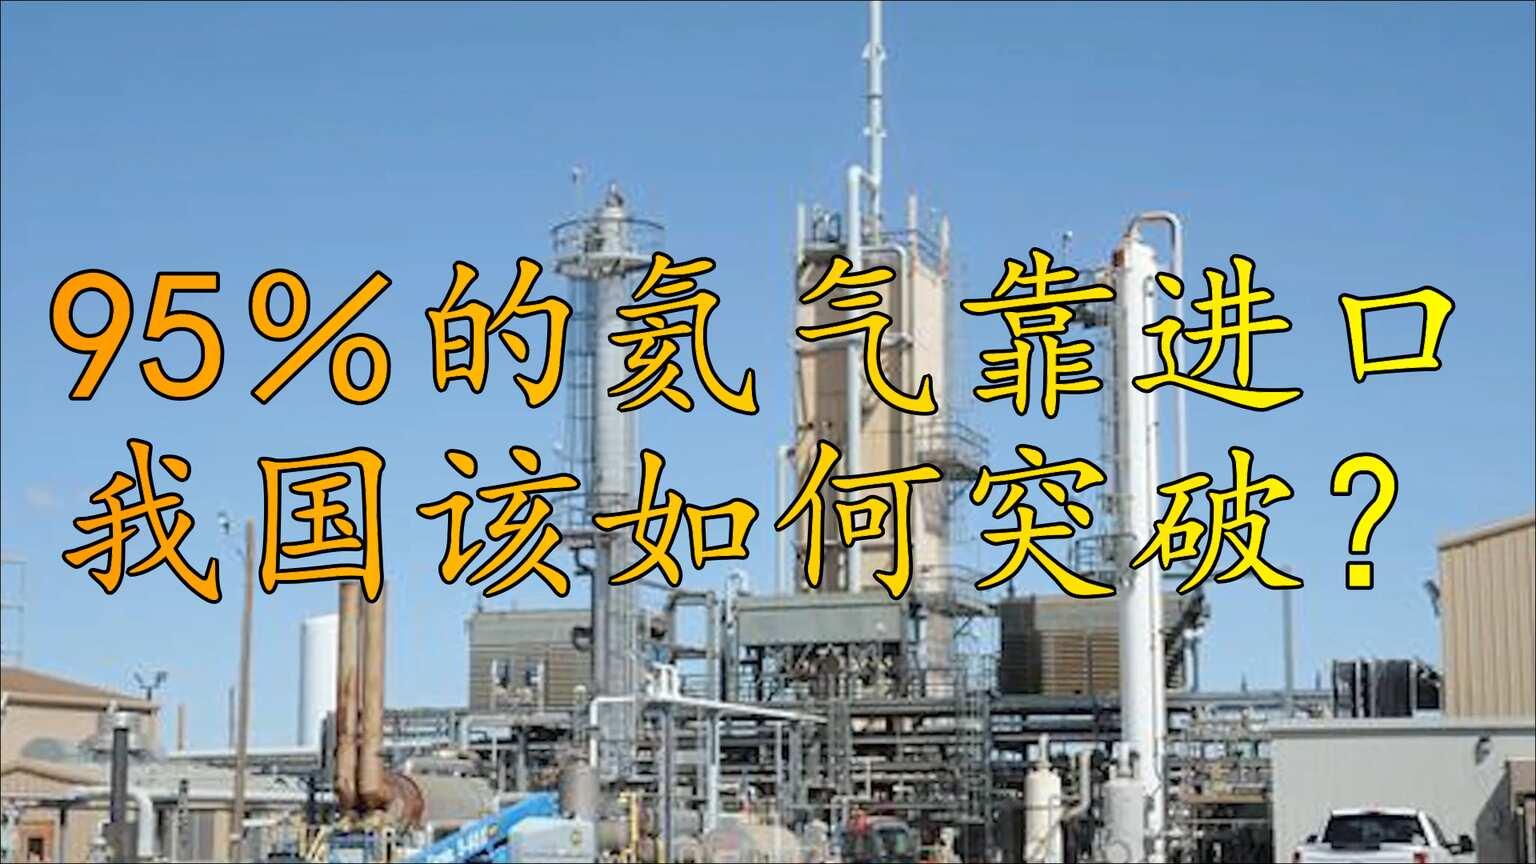 又一领域遭卡脖子,中国95%的氦气都靠进口,我国该如何突破?